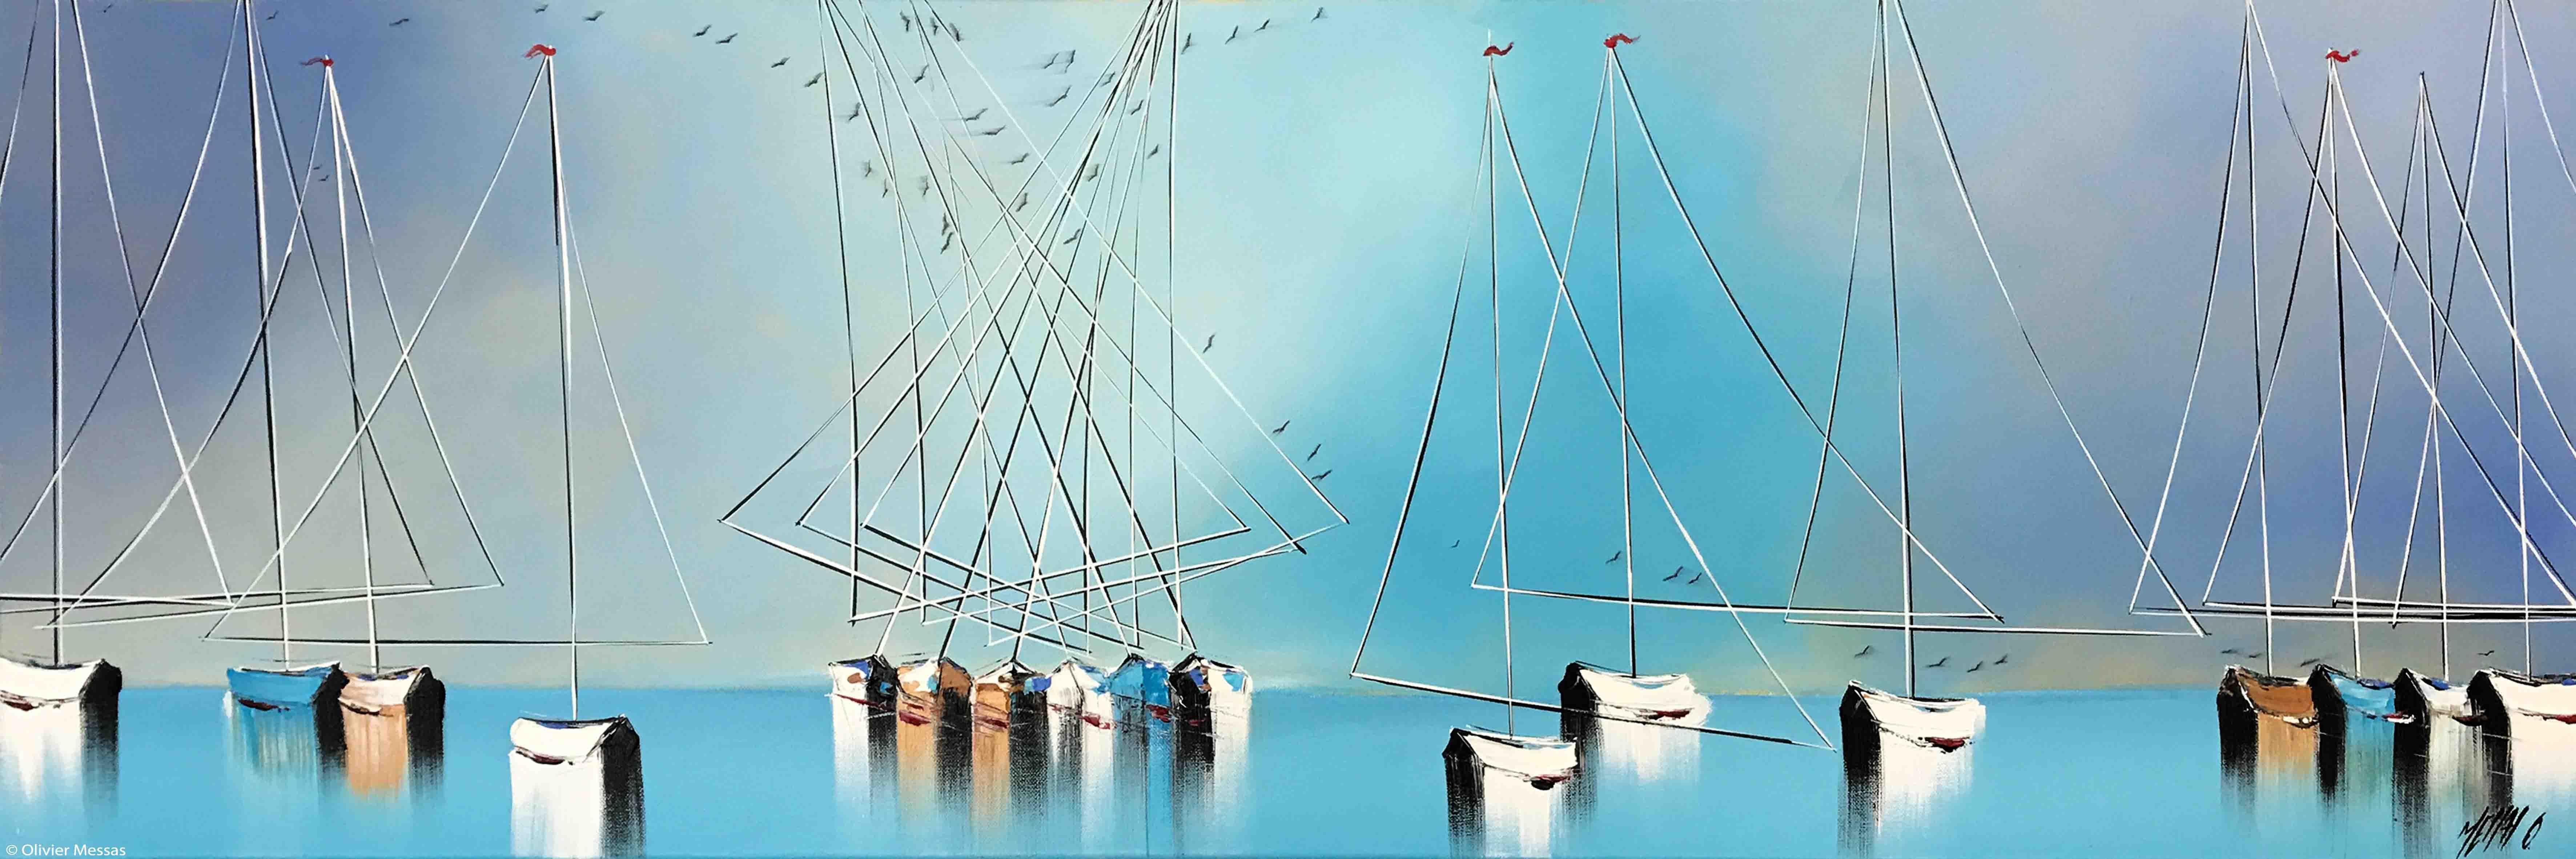 Les voiliers de Mykonos II, 40x120cm